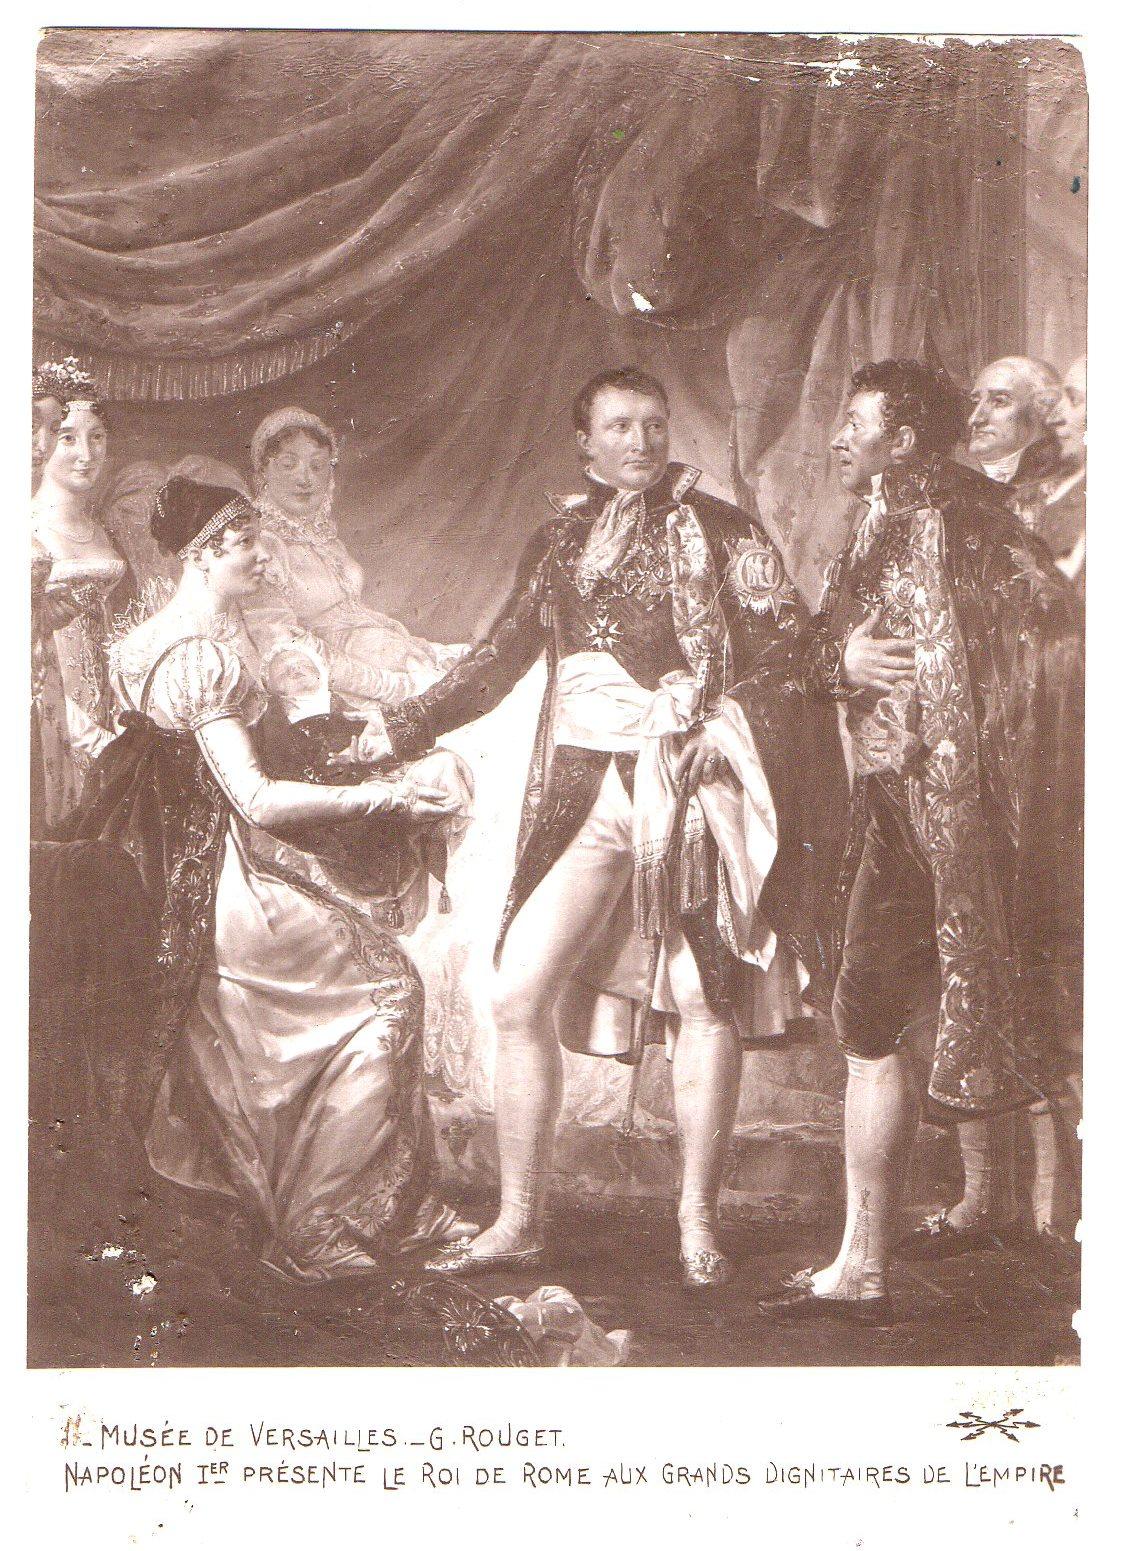 """Поштова листівка. """"Musée de Versailles._ G. Rouget.  Napoléon Ier présente le roi de Rome aux dignitaires de l'Empire / Музей """"Версаль""""._ Ж. Руже. Наполеон I представляє короля Риму сановникам Імперії"""""""